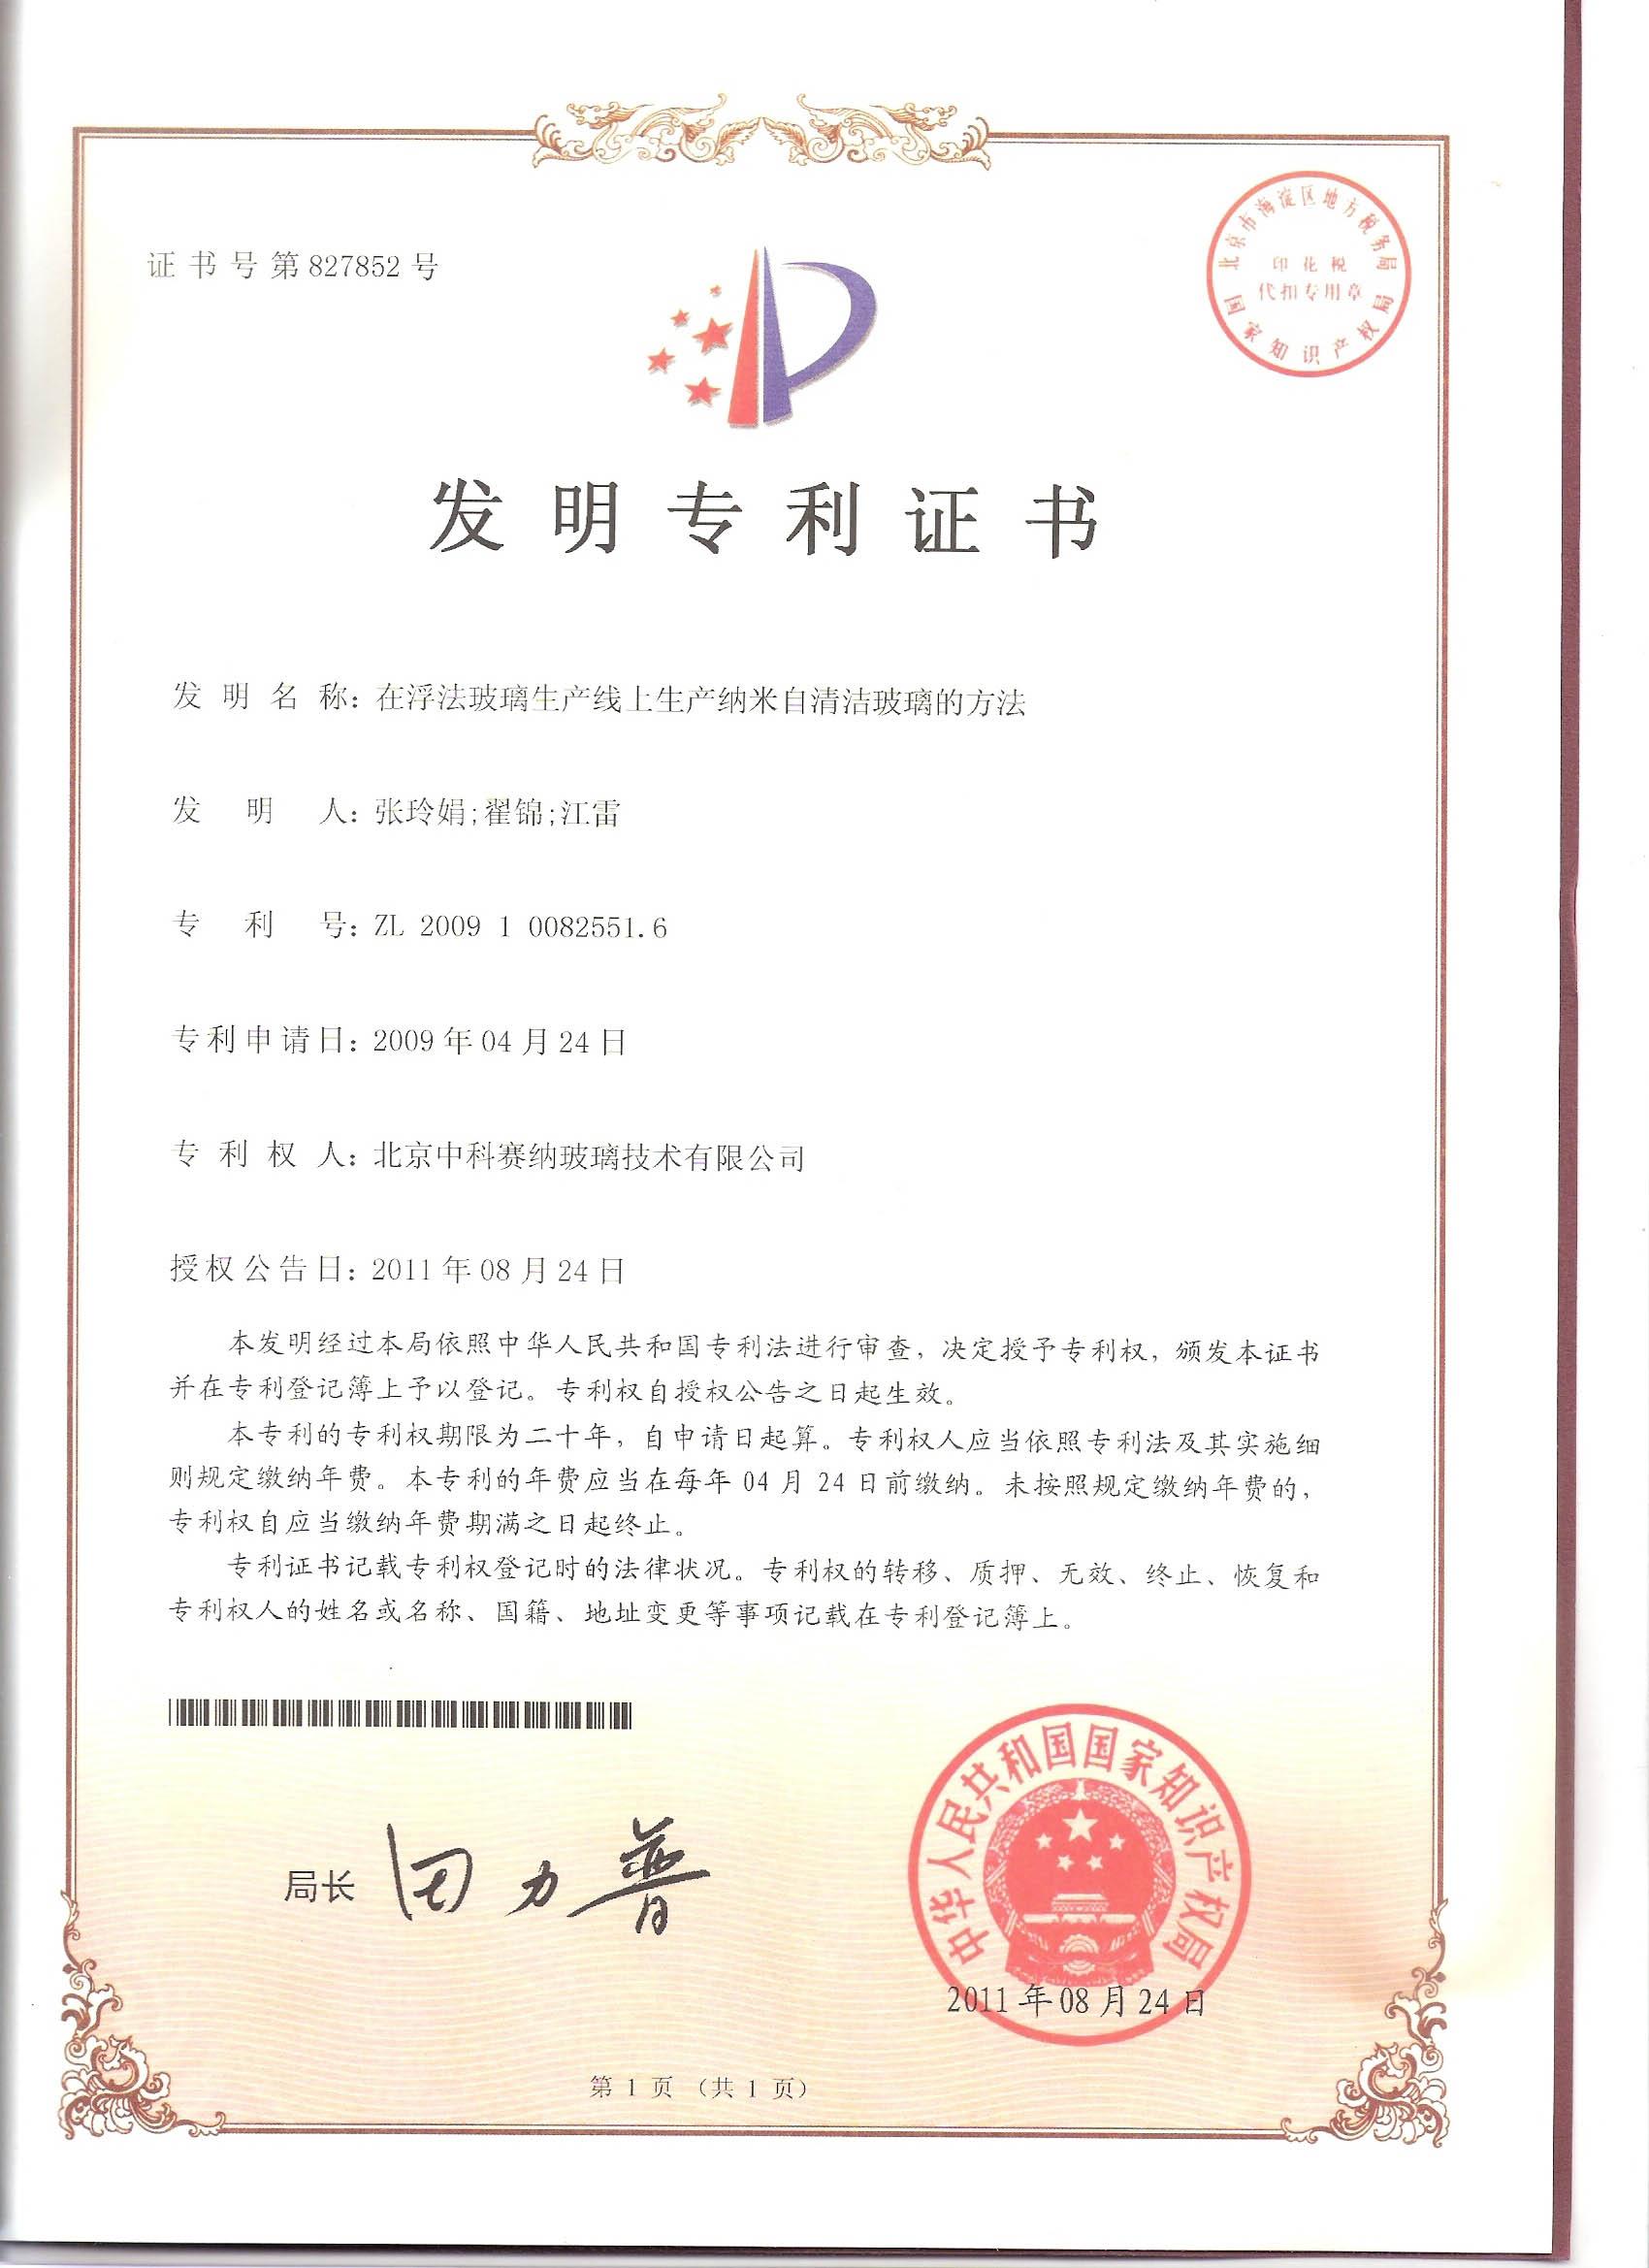 专利(在浮法玻璃生产线上生产纳米自清洁玻璃的方法)